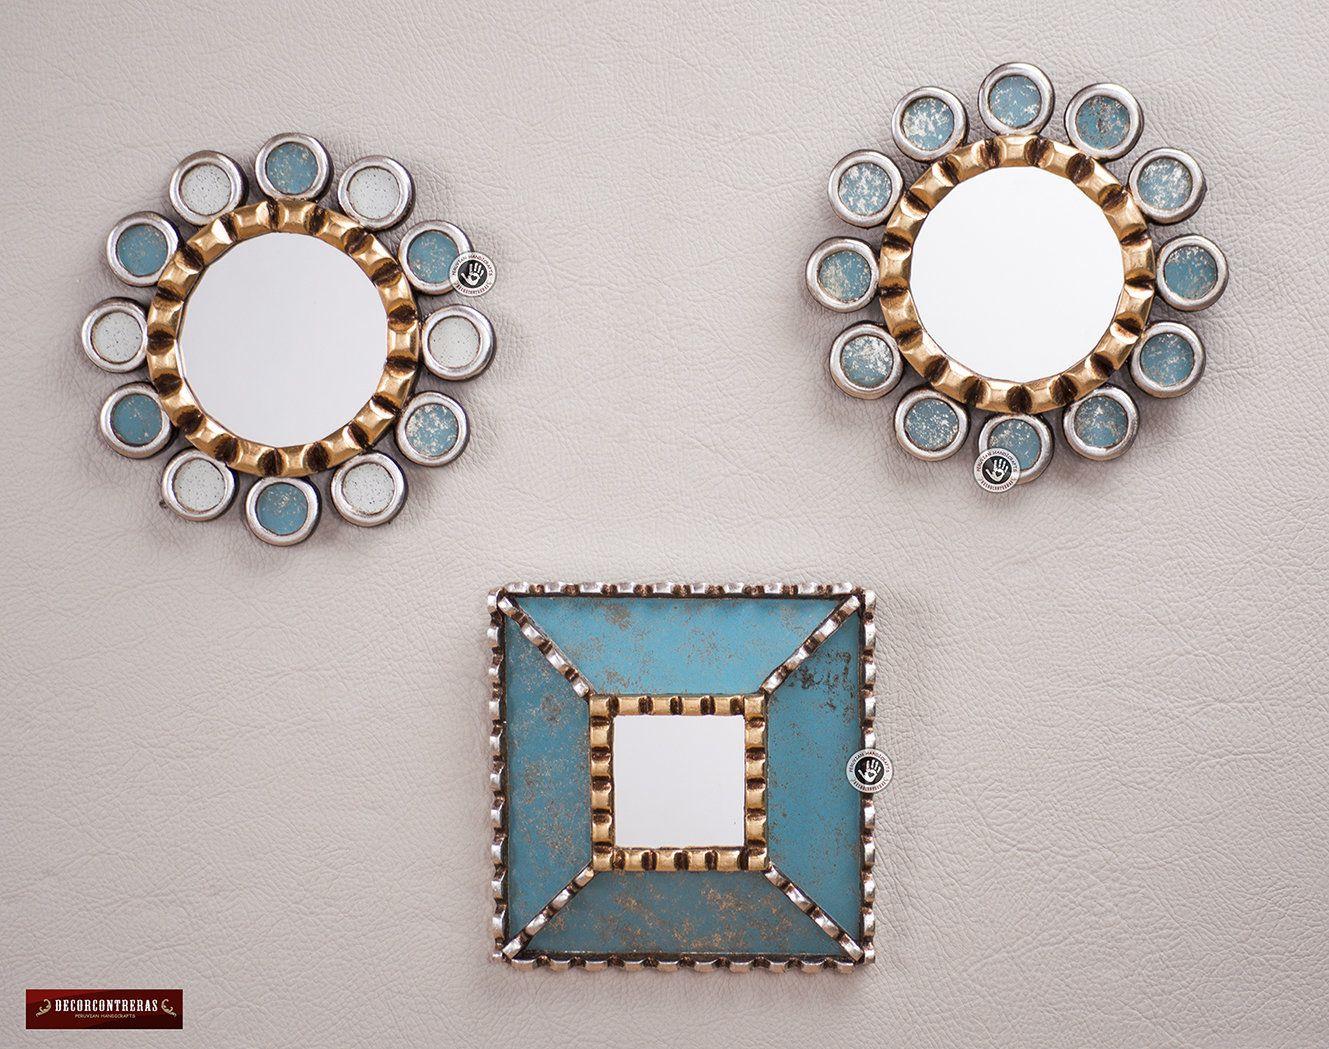 Sunburst Round Square Mirror Set 3 Turquoise Sky Decorative